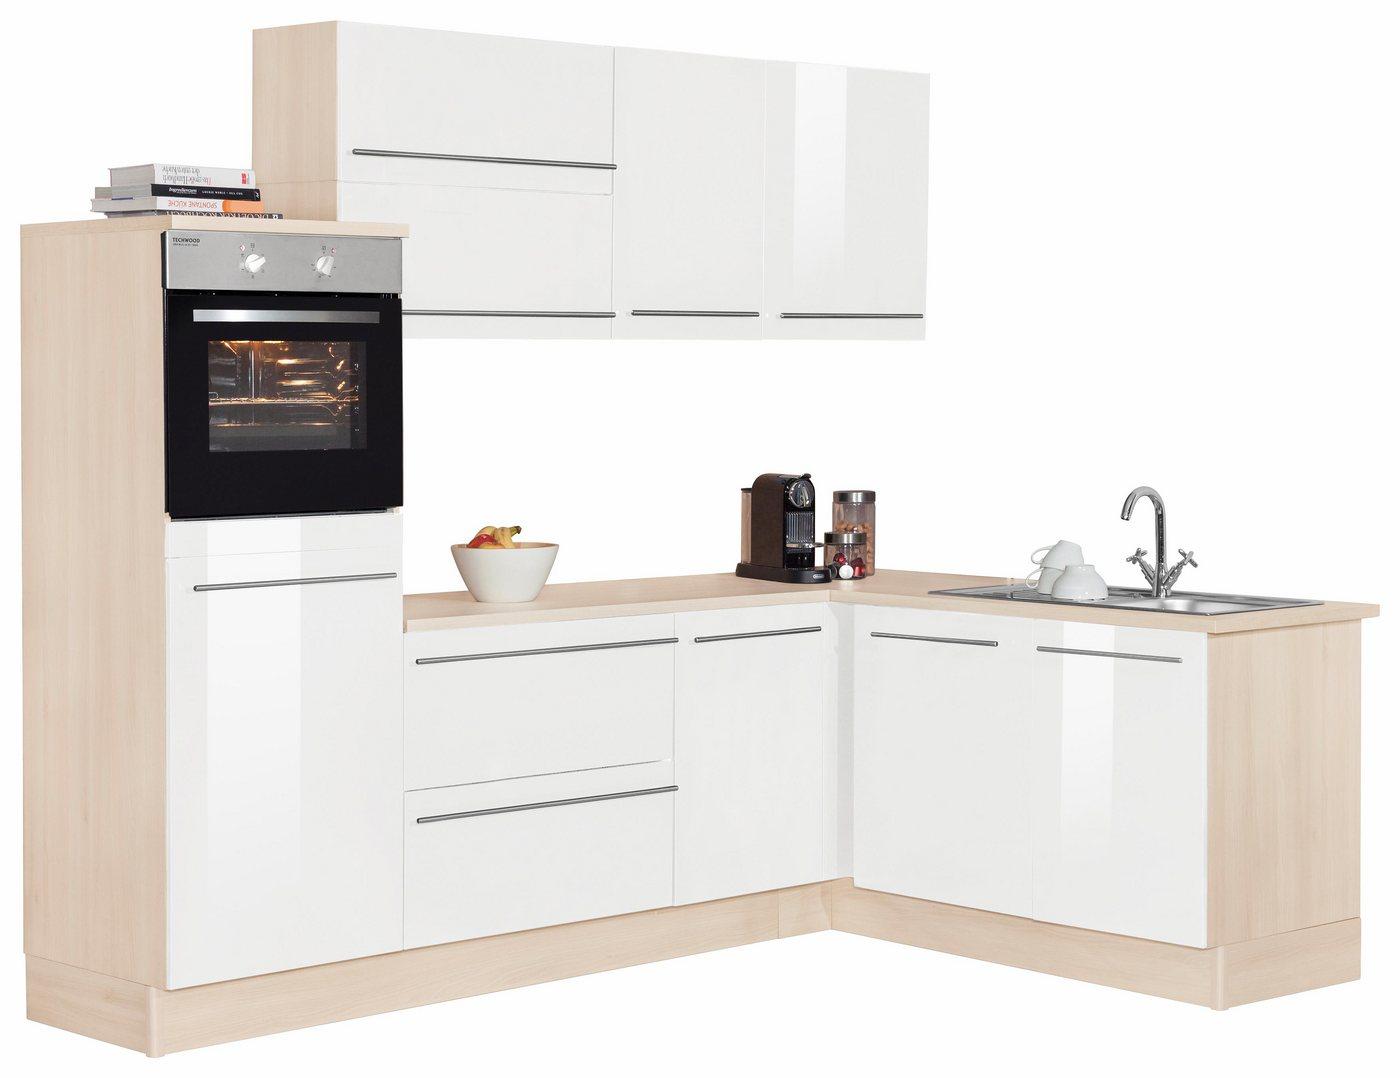 OPTIFIT Winkelküche »Winkelküche«, ohne E-Geräte, Stellbreite 255 x 175 cm mit höhenverstellbaren Füßen   Küche und Esszimmer > Küchen > Winkelküchen   Weiß   OPTIFIT